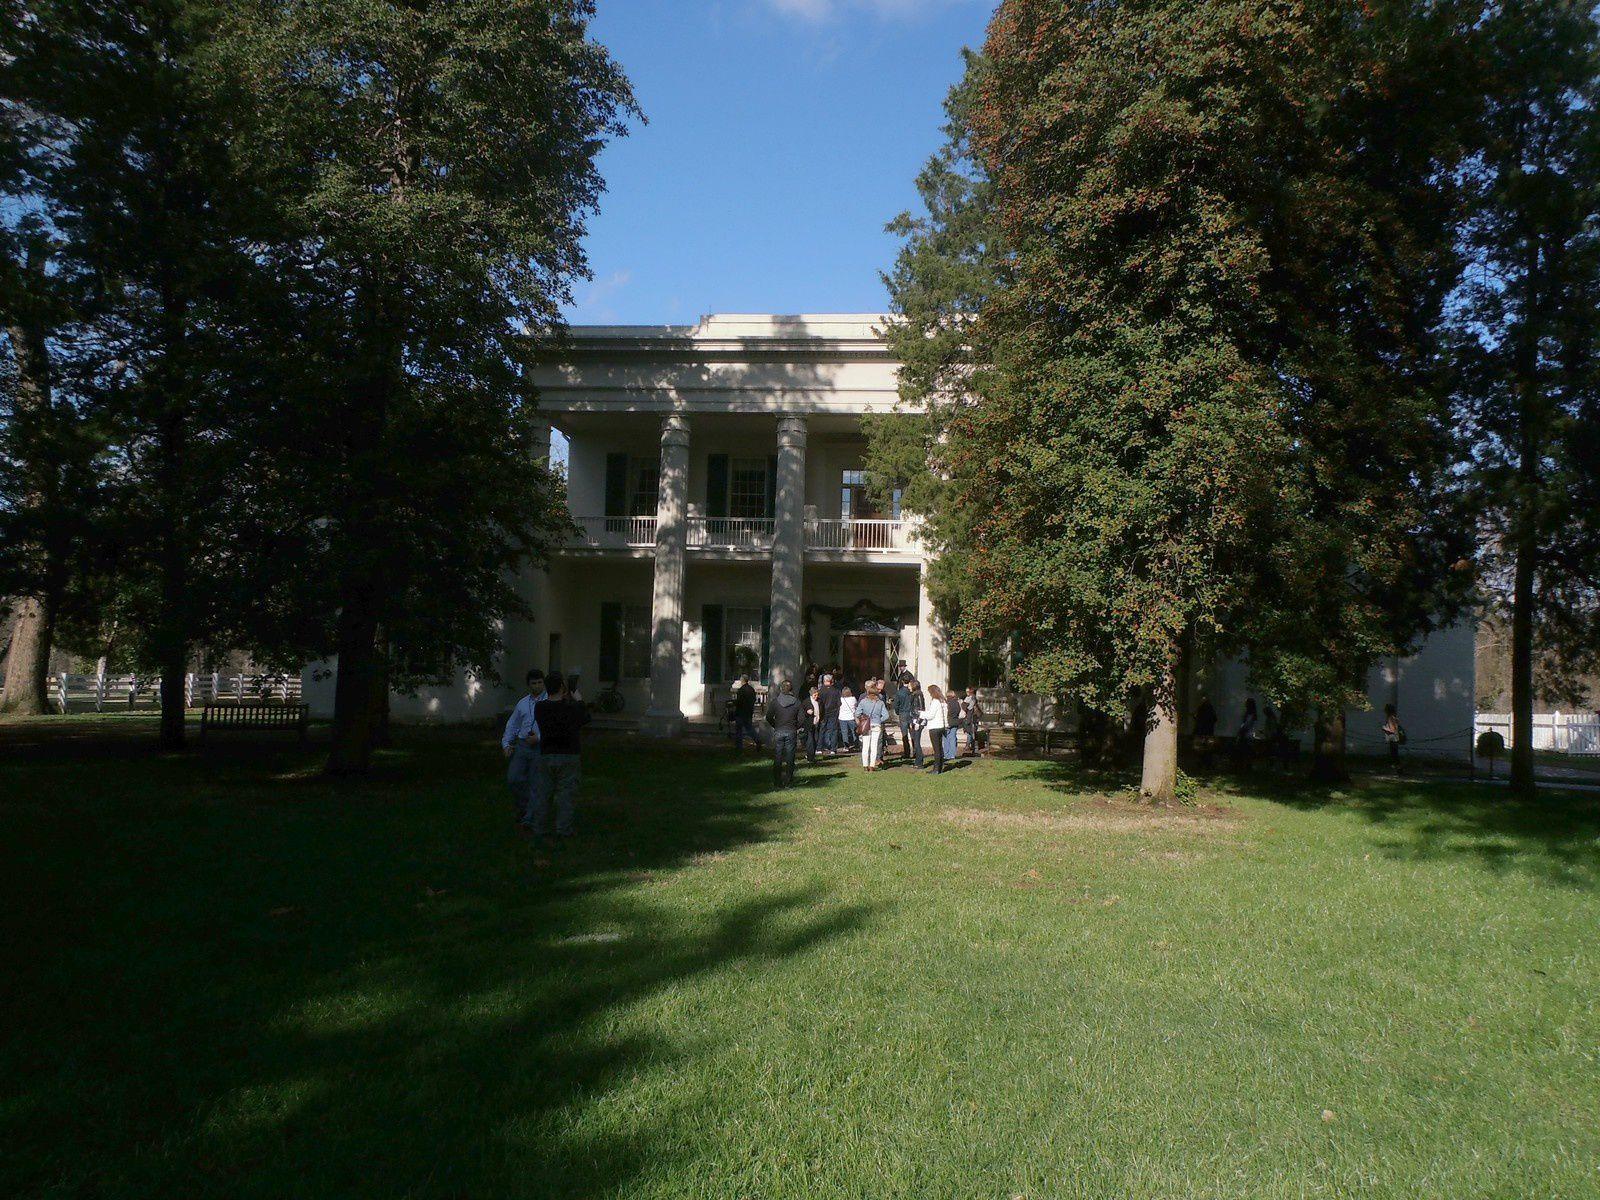 Même contraste lors de la visite de l'Hermitage, la plantation ayant appartenu au Général Jackson. D'un côté, la maison du maitre, de l'autre les cabanes en bois pour les esclaves. Devenu président, c'est ce brave homme qui a autorisé la déportation des indiens dans l'ouest : rien de ce qui était humain ne lui était étranger !